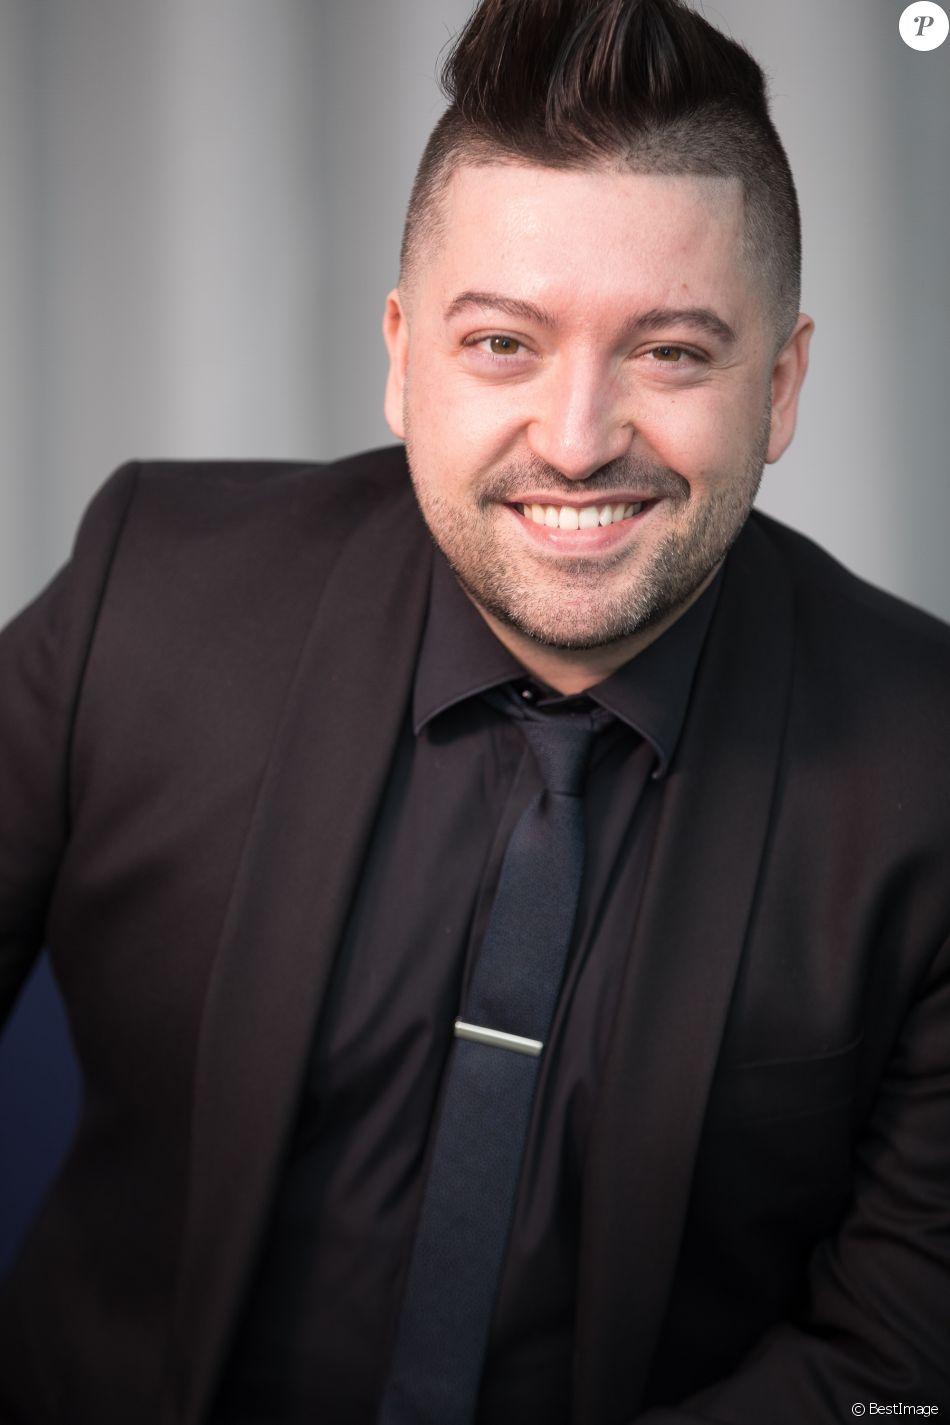 Exclusif - Chris Marques dans les locaux de Webedia pour une Interview pour Purepeople à Levallois-Perret le 9 janvier 2019. © Tiziano Da Silva/Bestimage